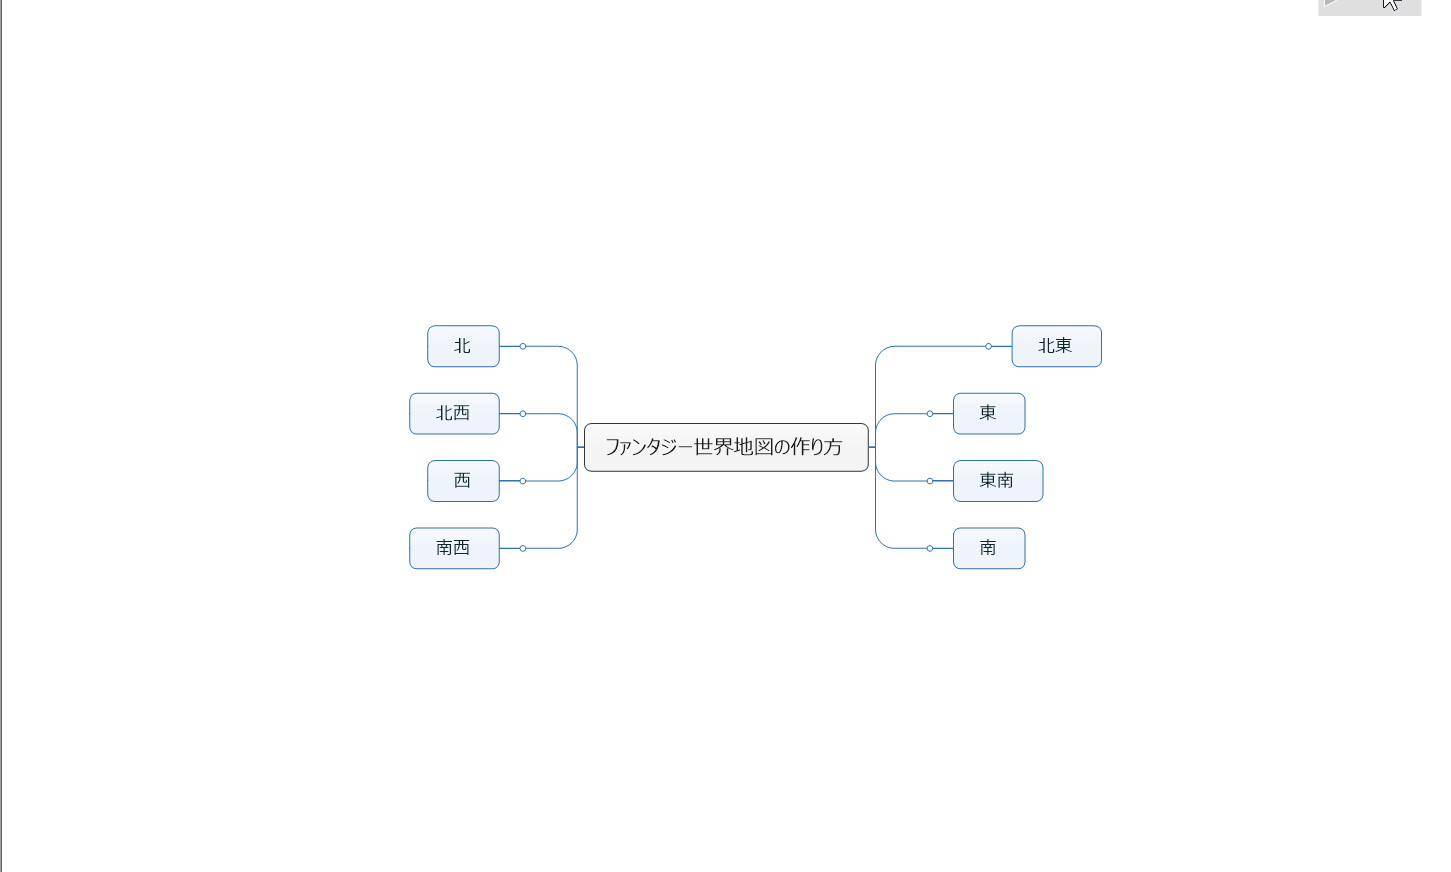 f:id:amakawawaka:20180504065422j:plain